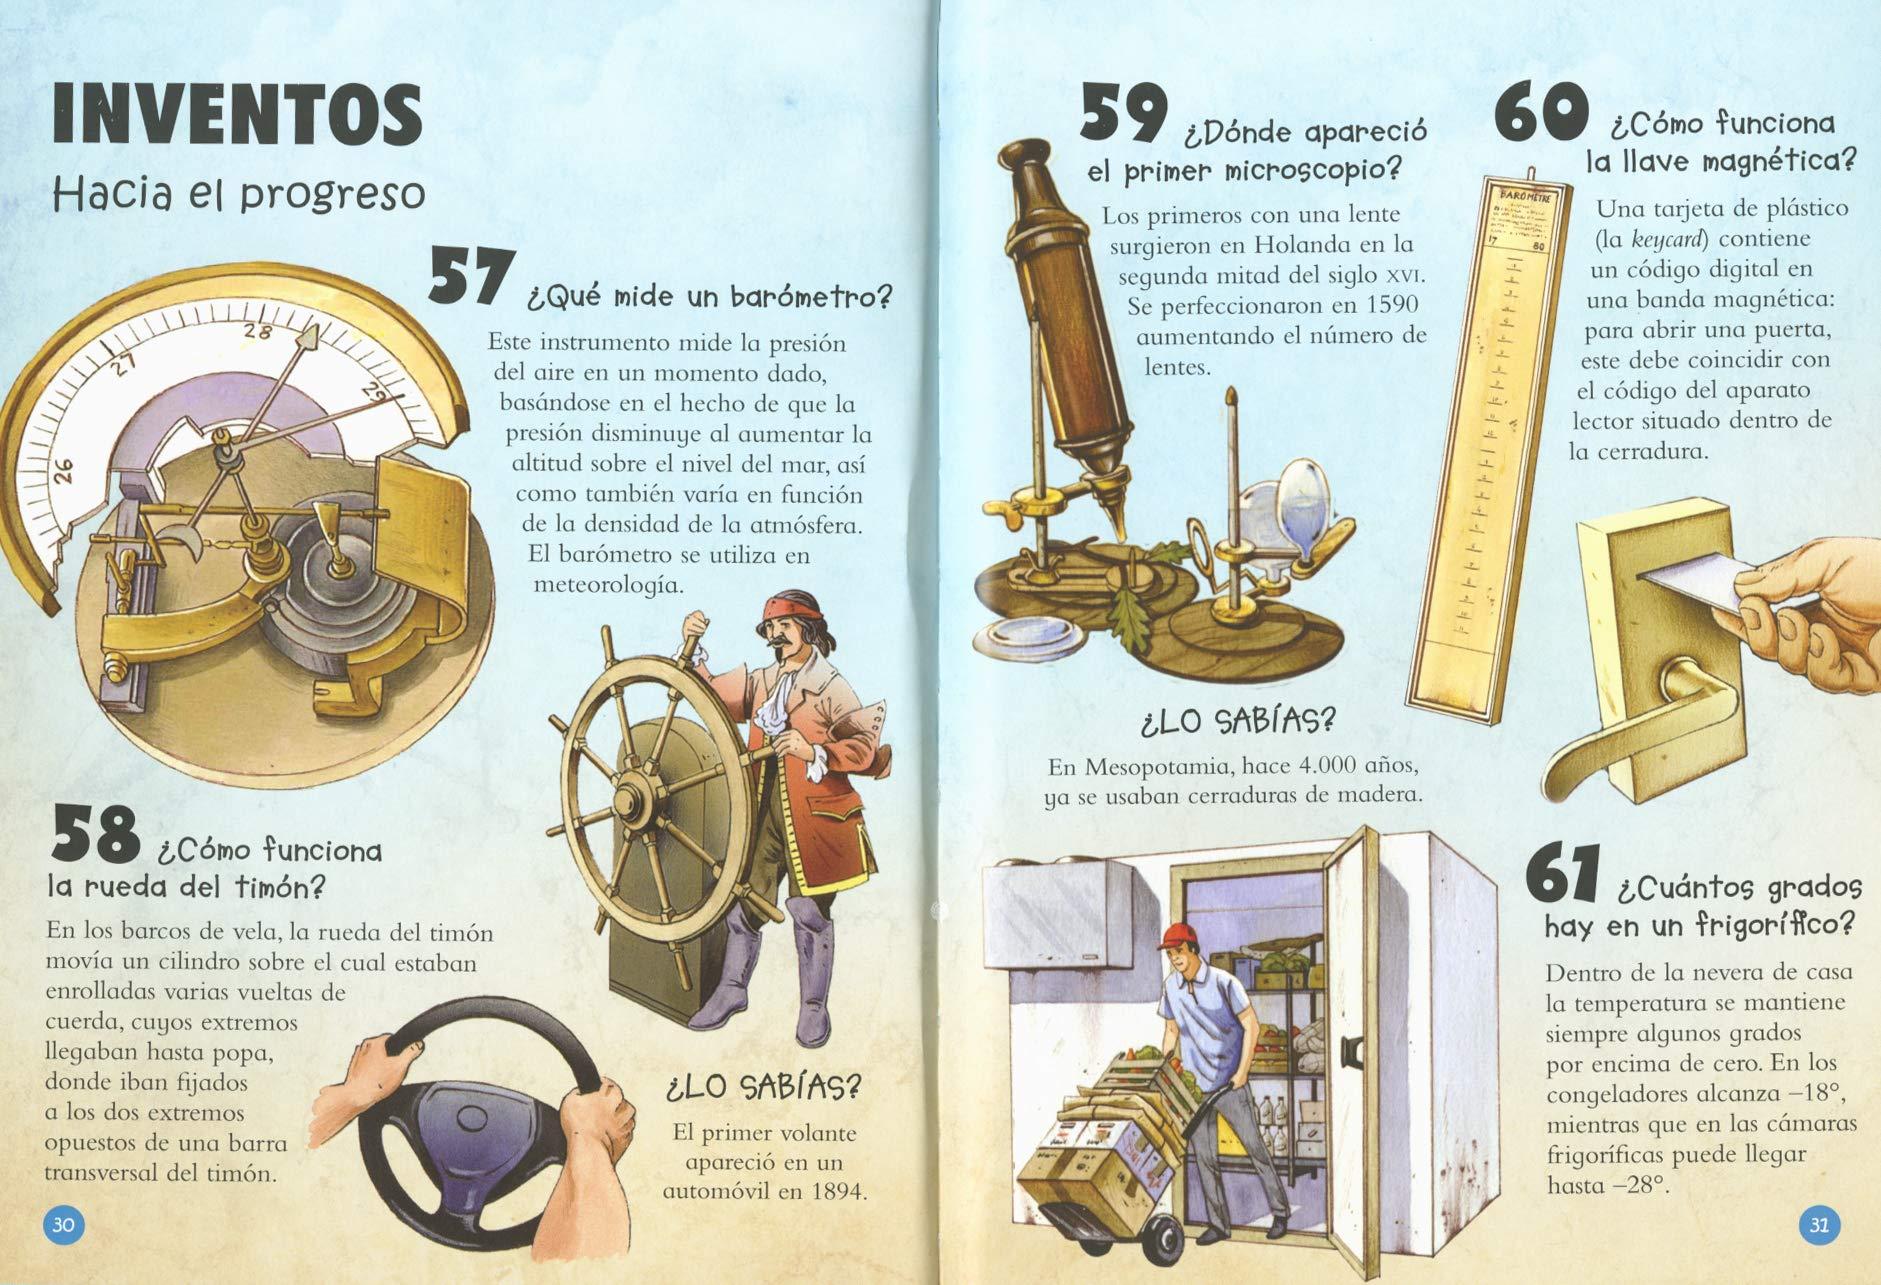 Inventos y descubrimientos 101 cosas que deberías saber sobre ...